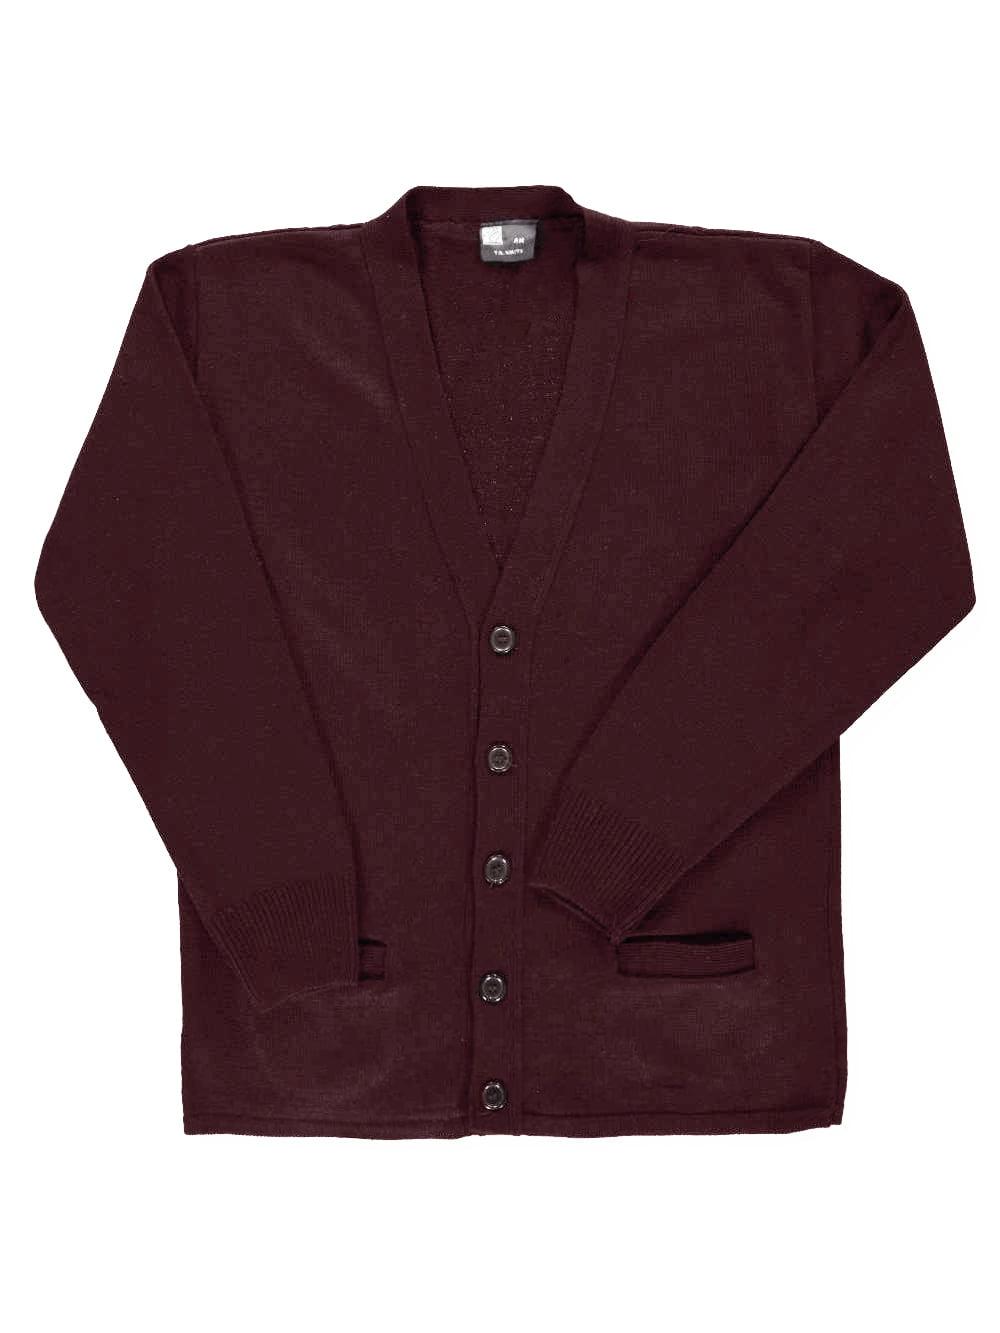 T.Q. Knits Big Boys' Adult Control-Pil 4-Button Cardigan (Adult Sizes S - XXL)